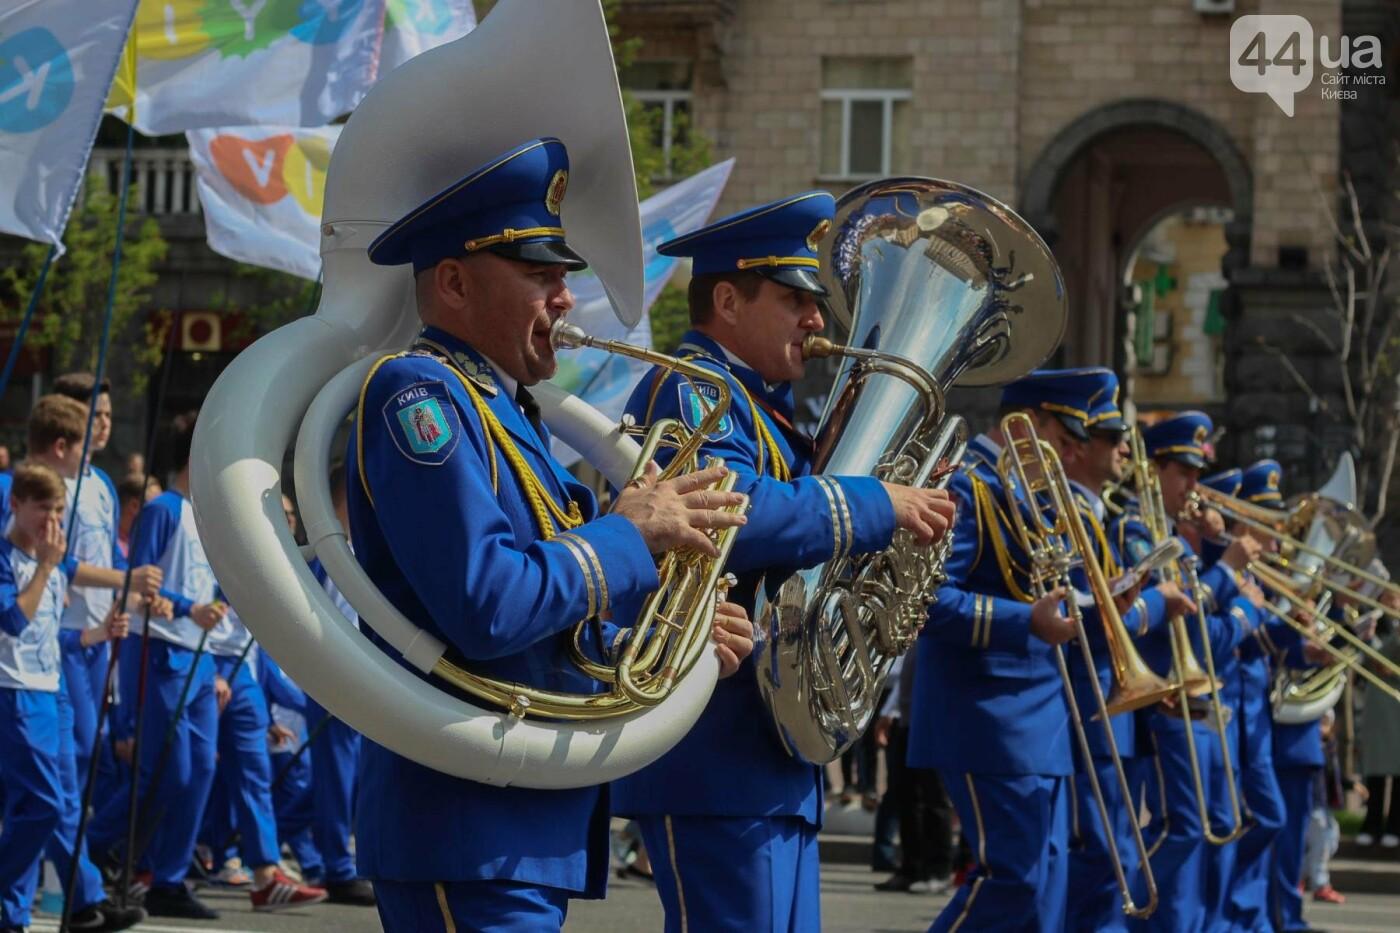 Кубок Лиги чемпионов УЕФА прибыл в Киев, фото-8